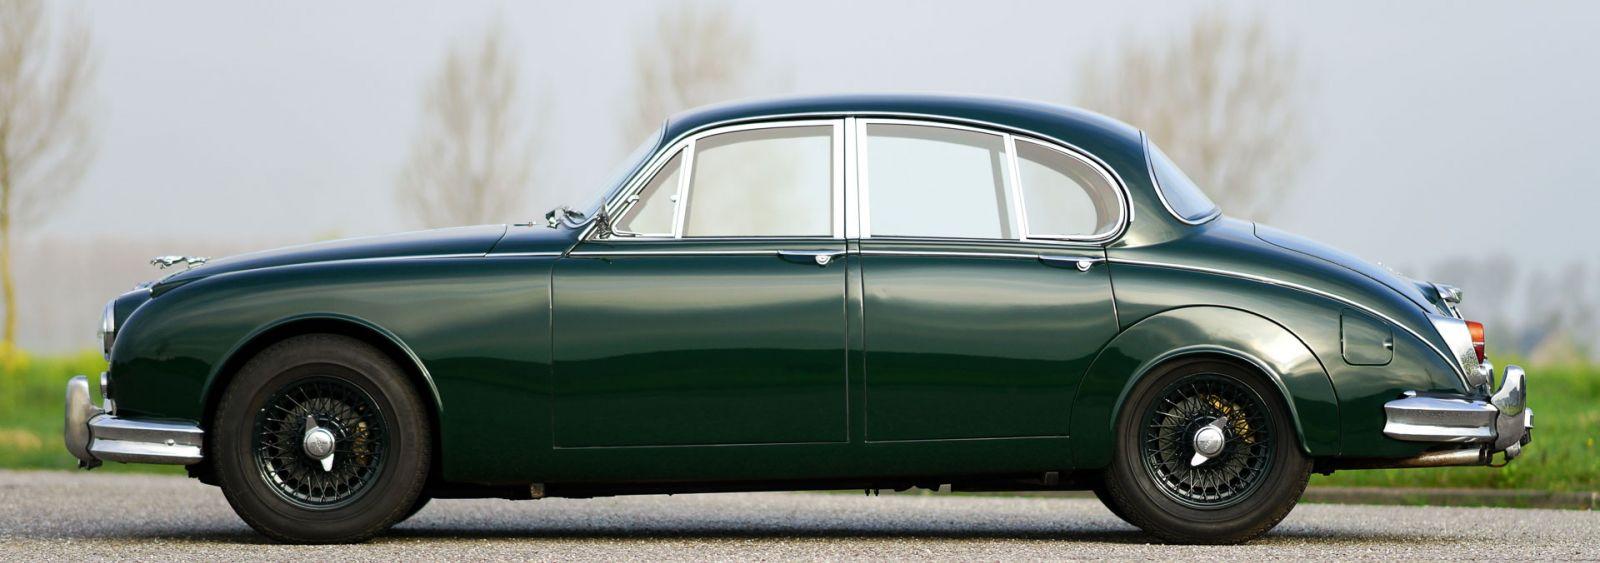 Jaguar Mk II 3.8 Litre, 1961 - Welcome to ClassiCarGarage